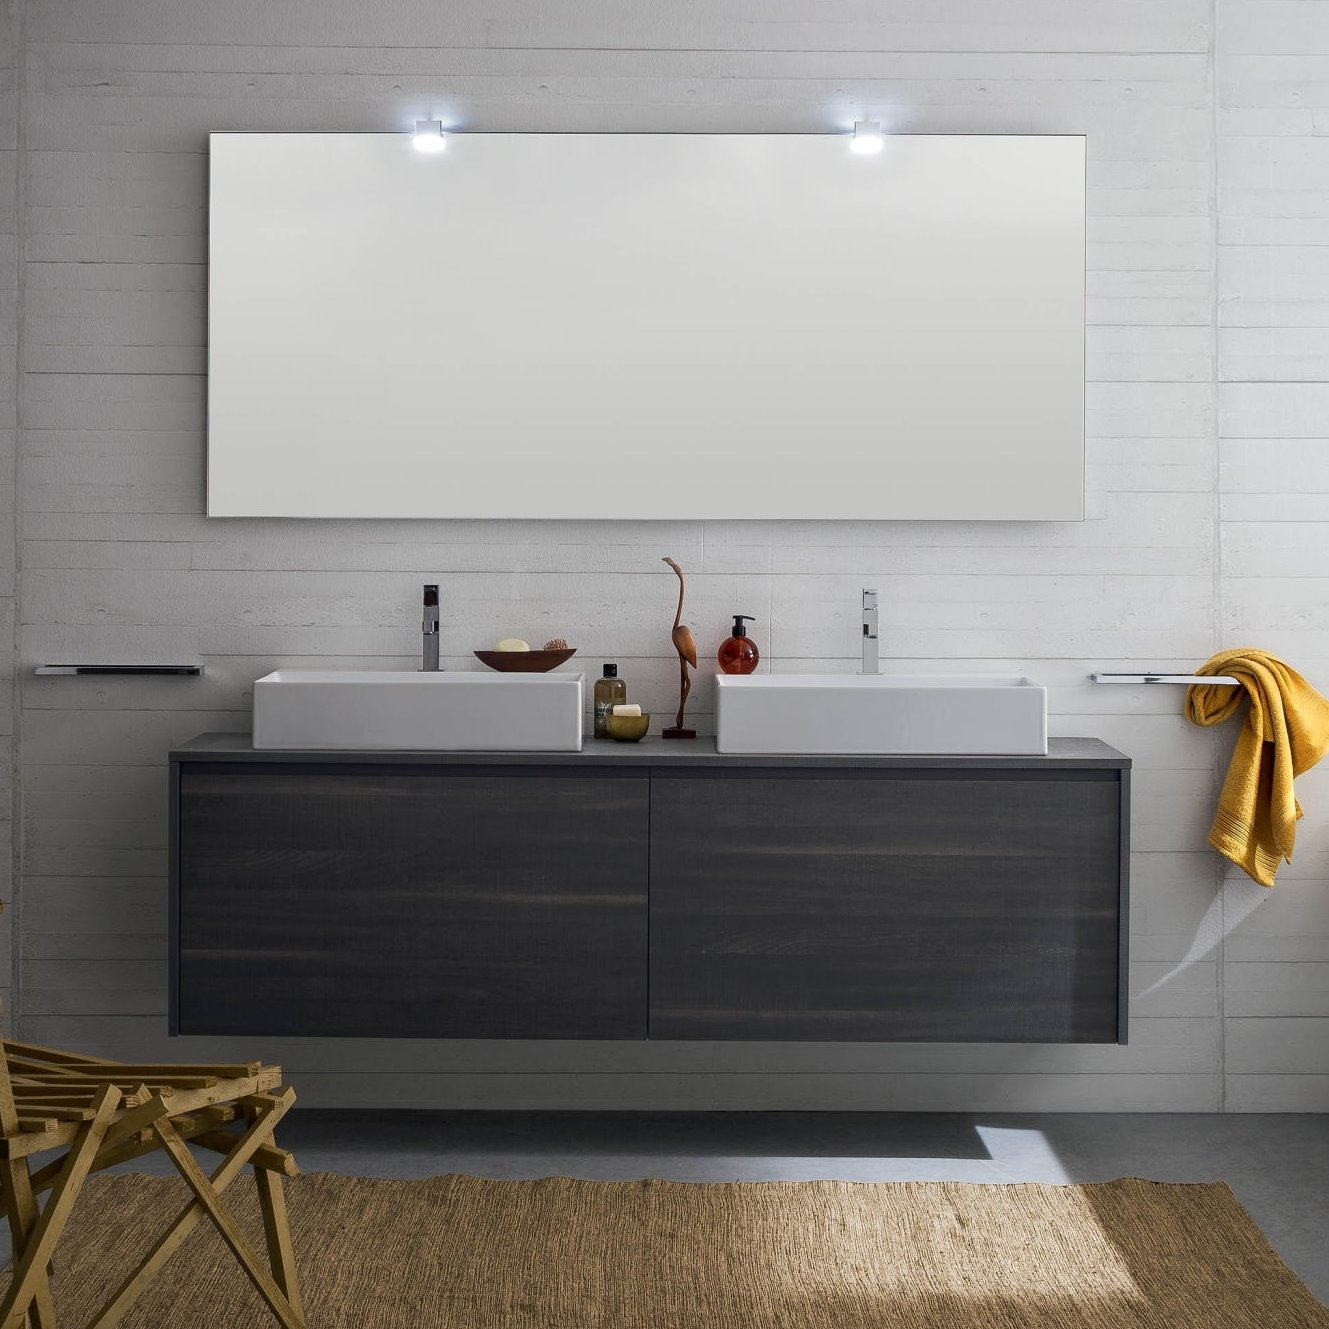 Idee un bagno per due mobile con doppio lavabo - Lavandino con mobile bagno ...